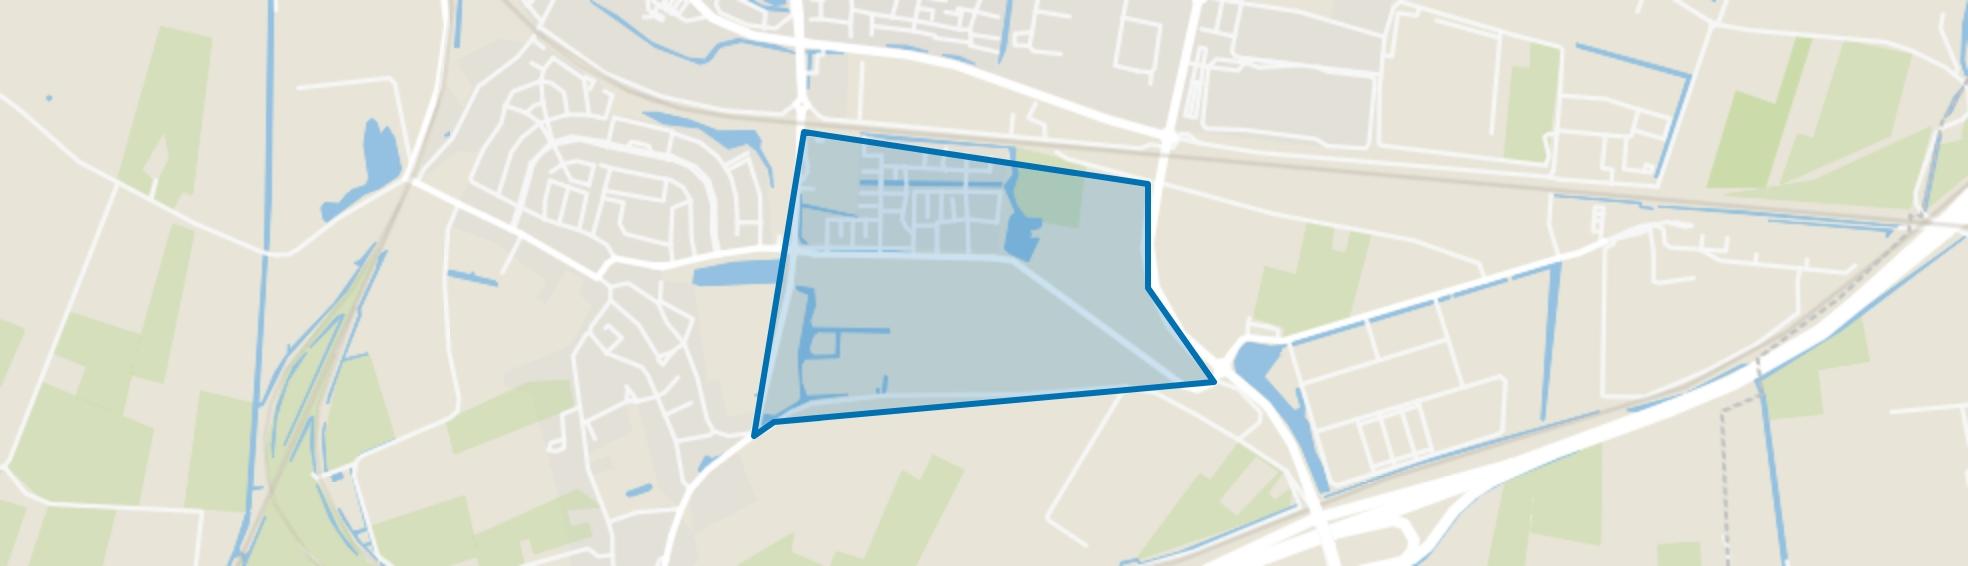 Meteren - De Plantage, Meteren map